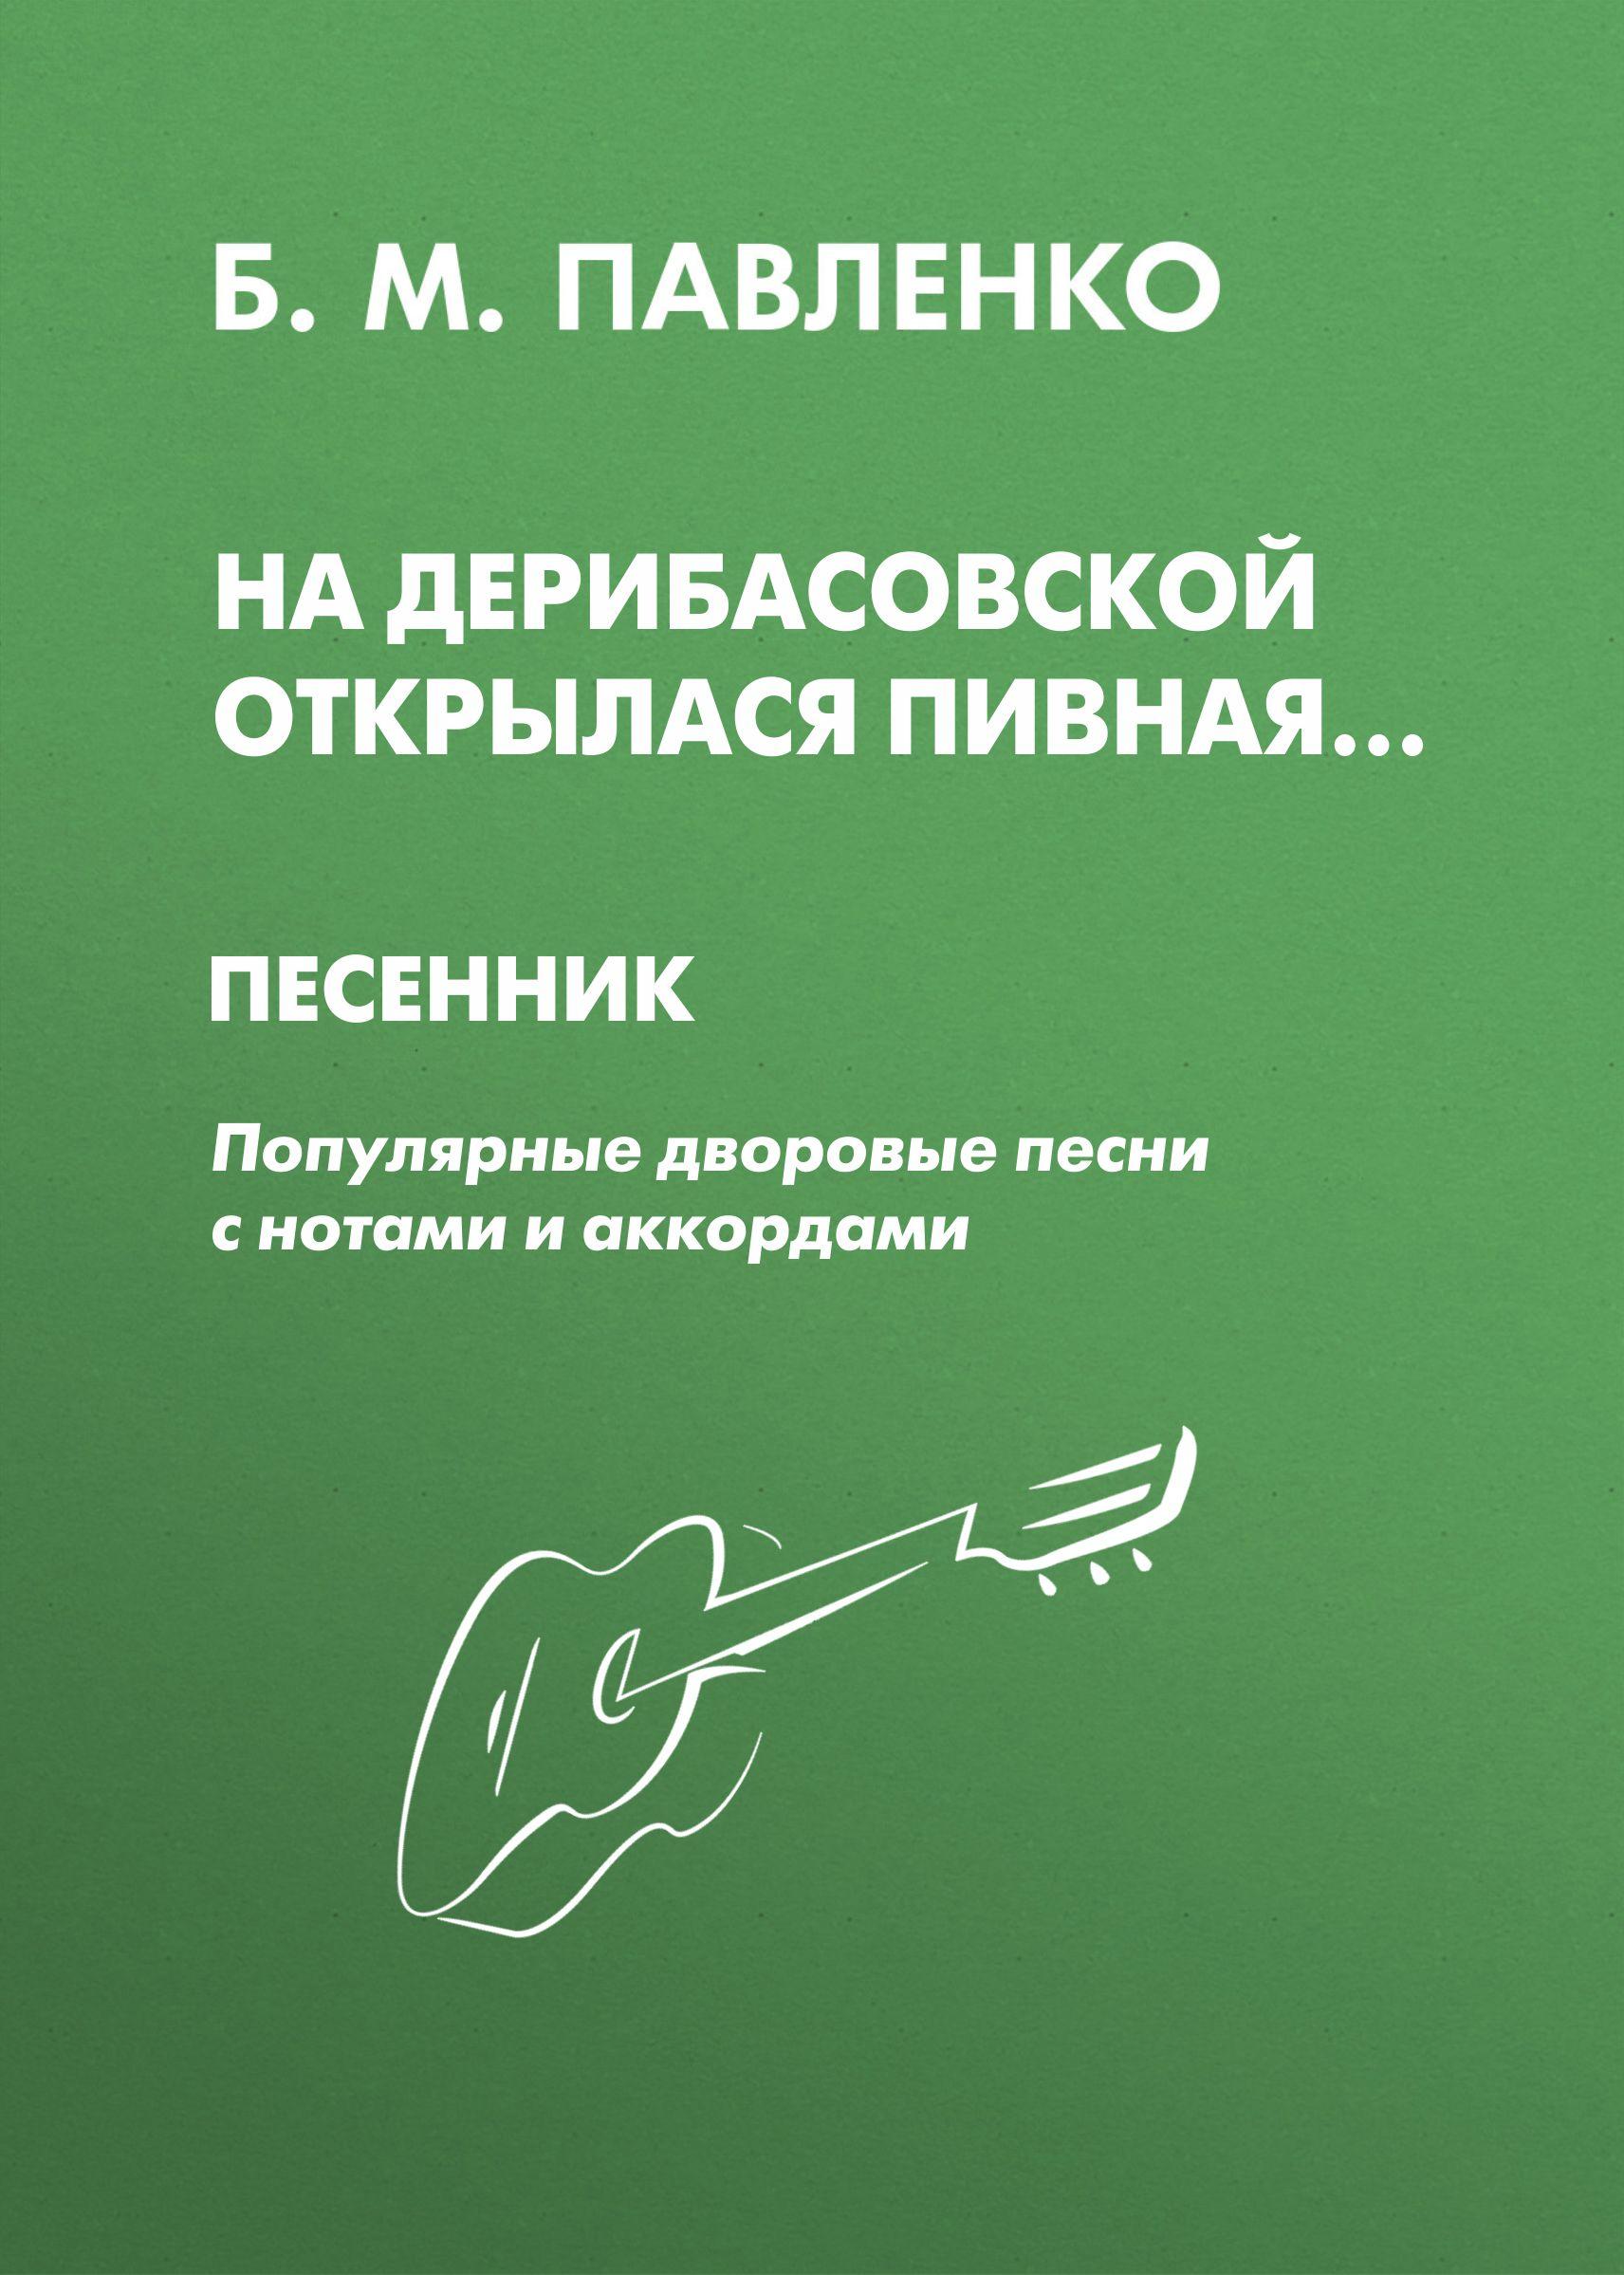 На Дерибасовской открылася пивная. Песенник. Популярные дворовые песни с нотами и аккордами_Б. М. Павленко